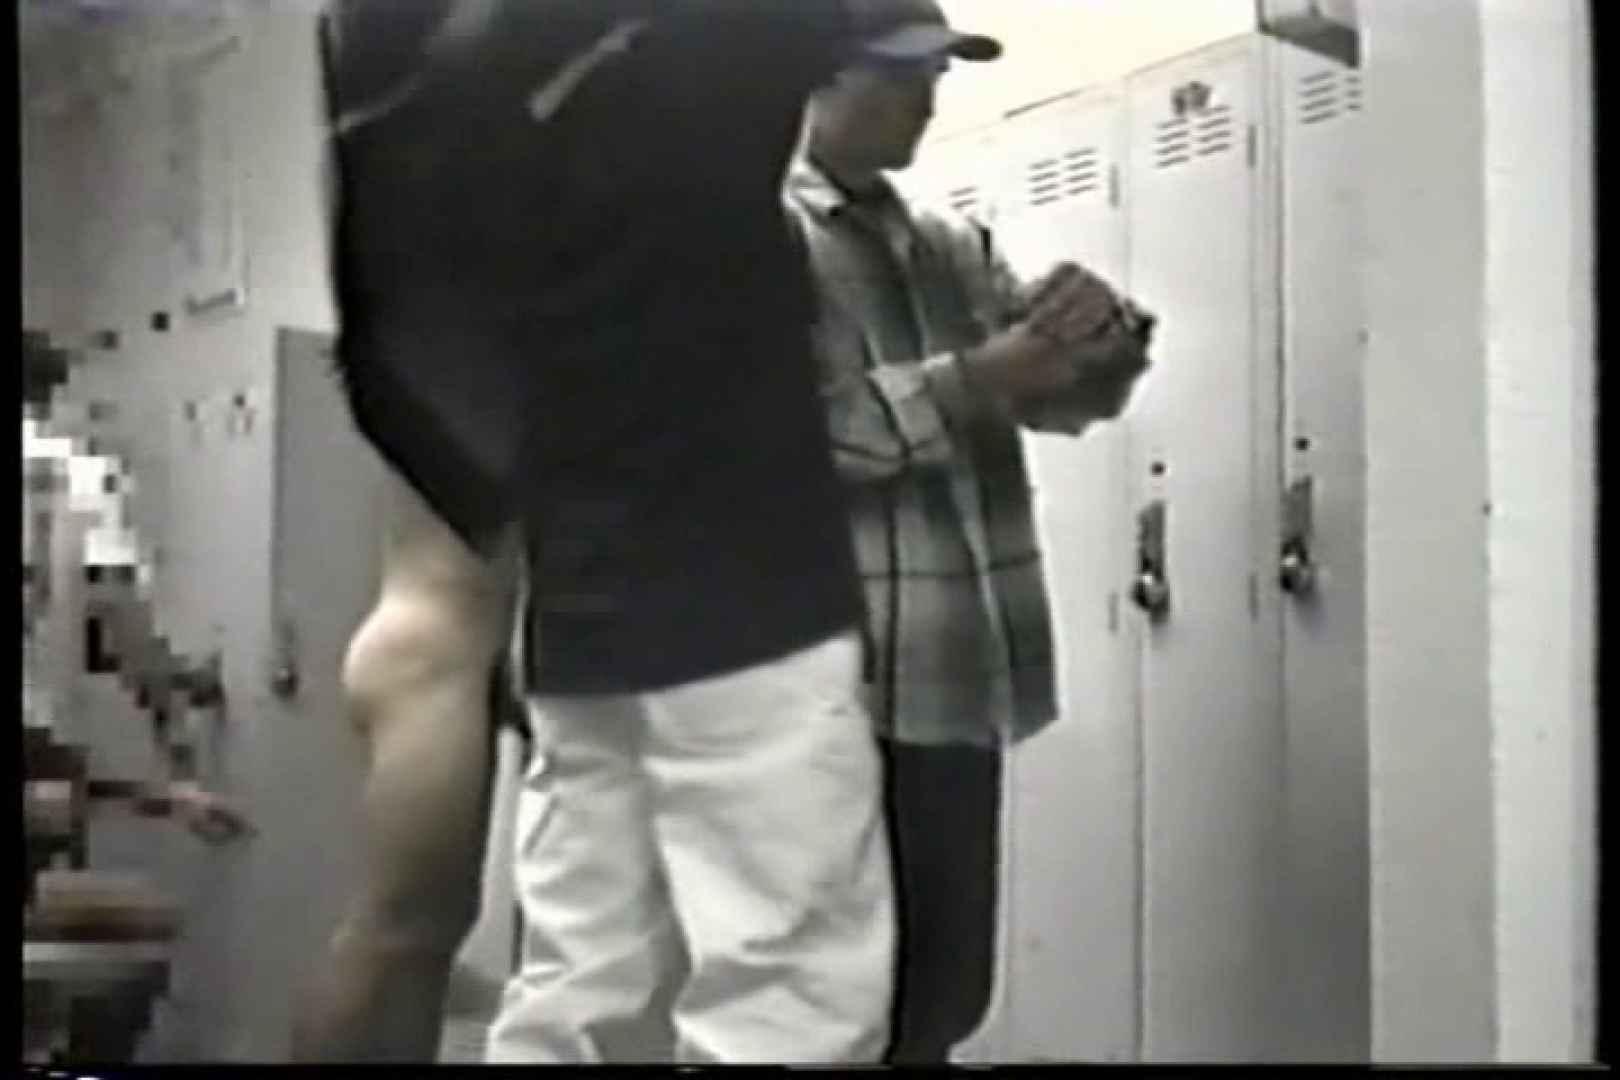 洋人さんの脱衣所を覗いてみました。VOL.1 完全無修正でお届け | ノンケボーイズ  66pic 41